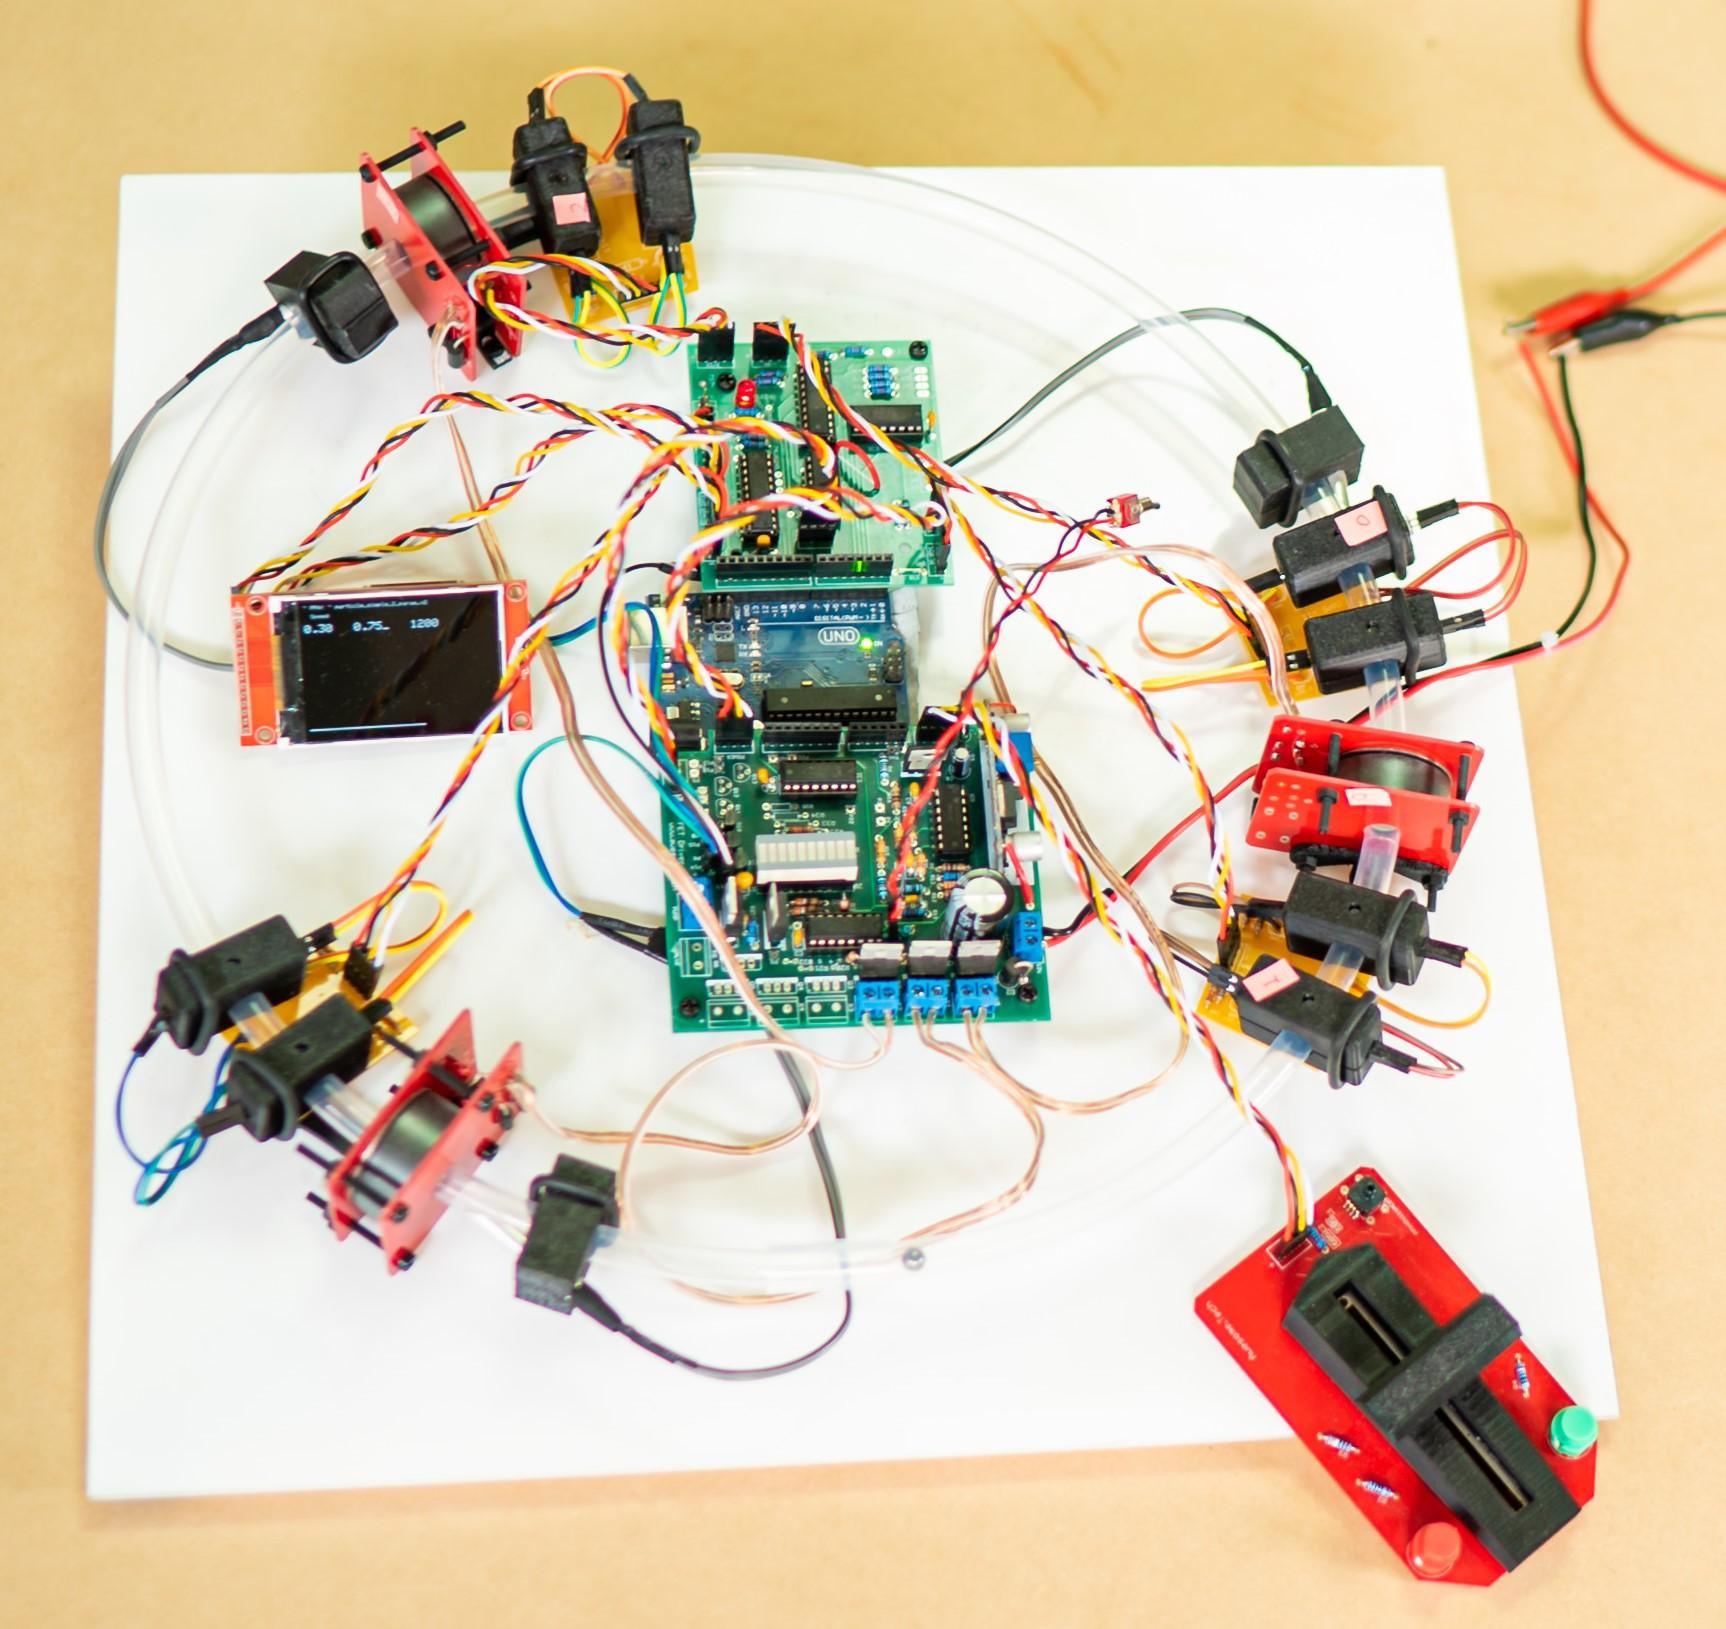 粒子加速器模型曝光:操作可与无刷直流电机相媲美